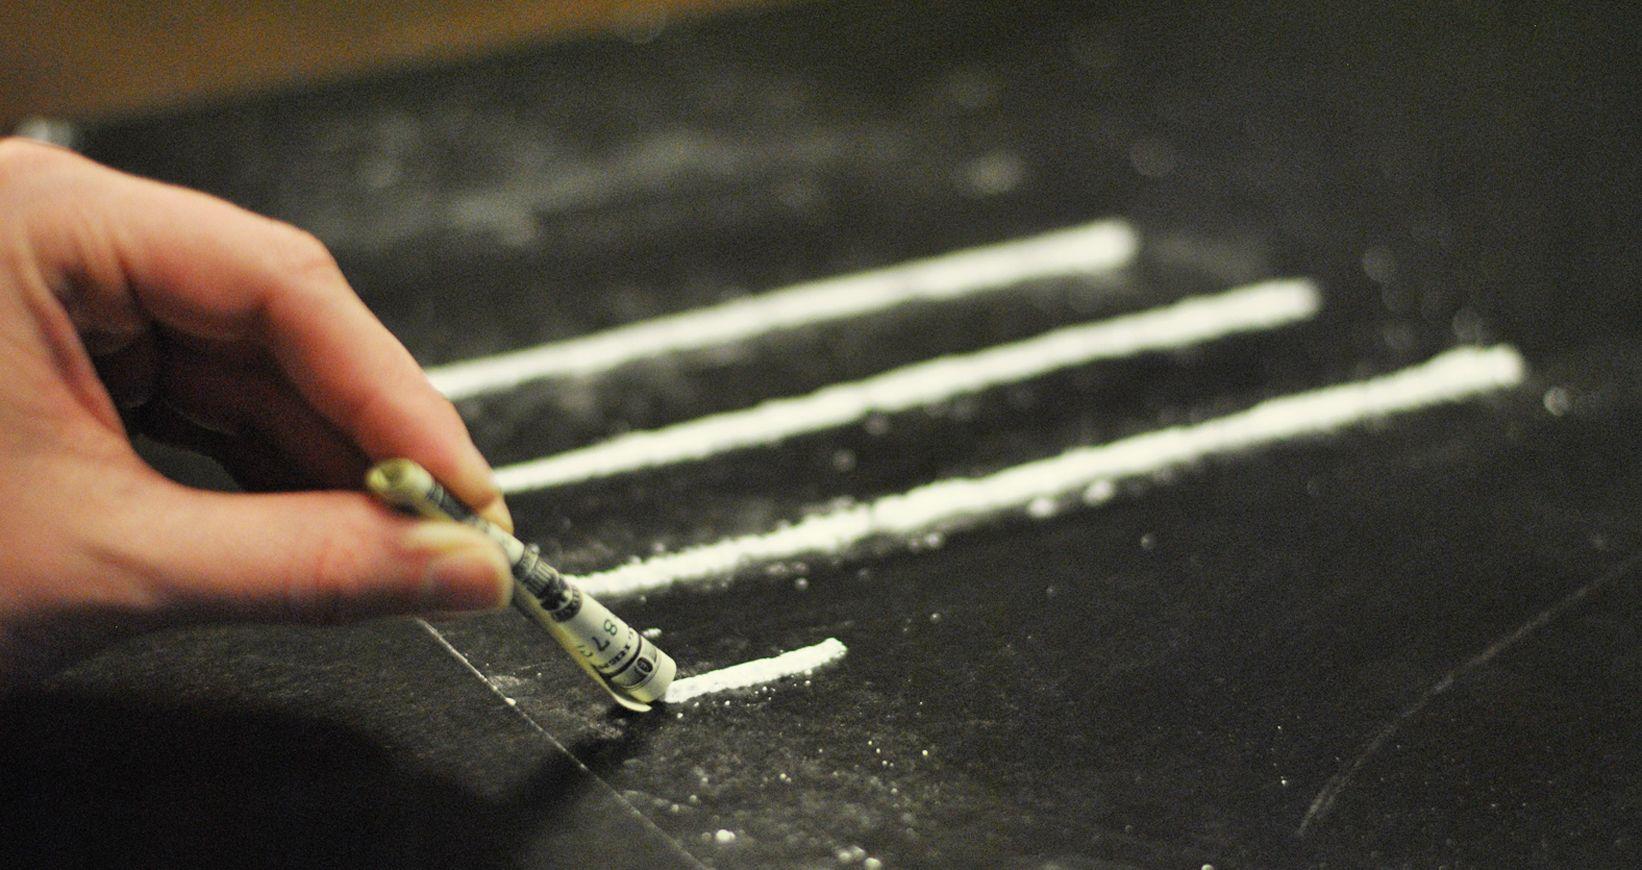 Etats-Unis : à 5 ans il amène de la cocaïne à l'école